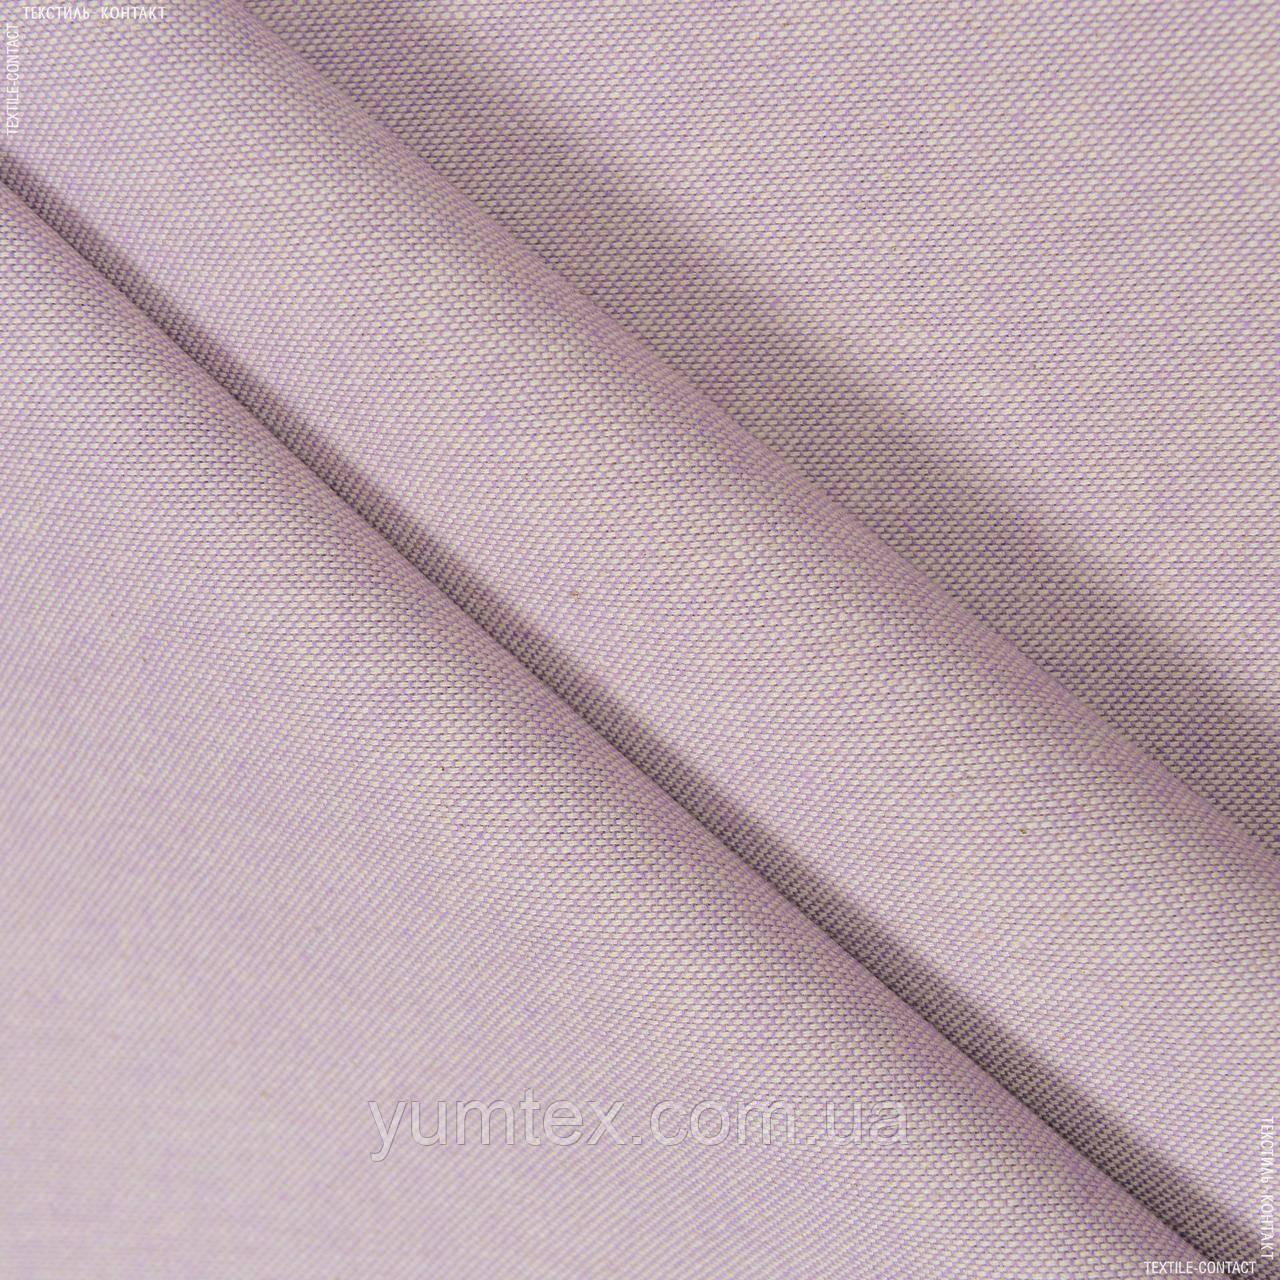 Декоративная ткань nova 129709